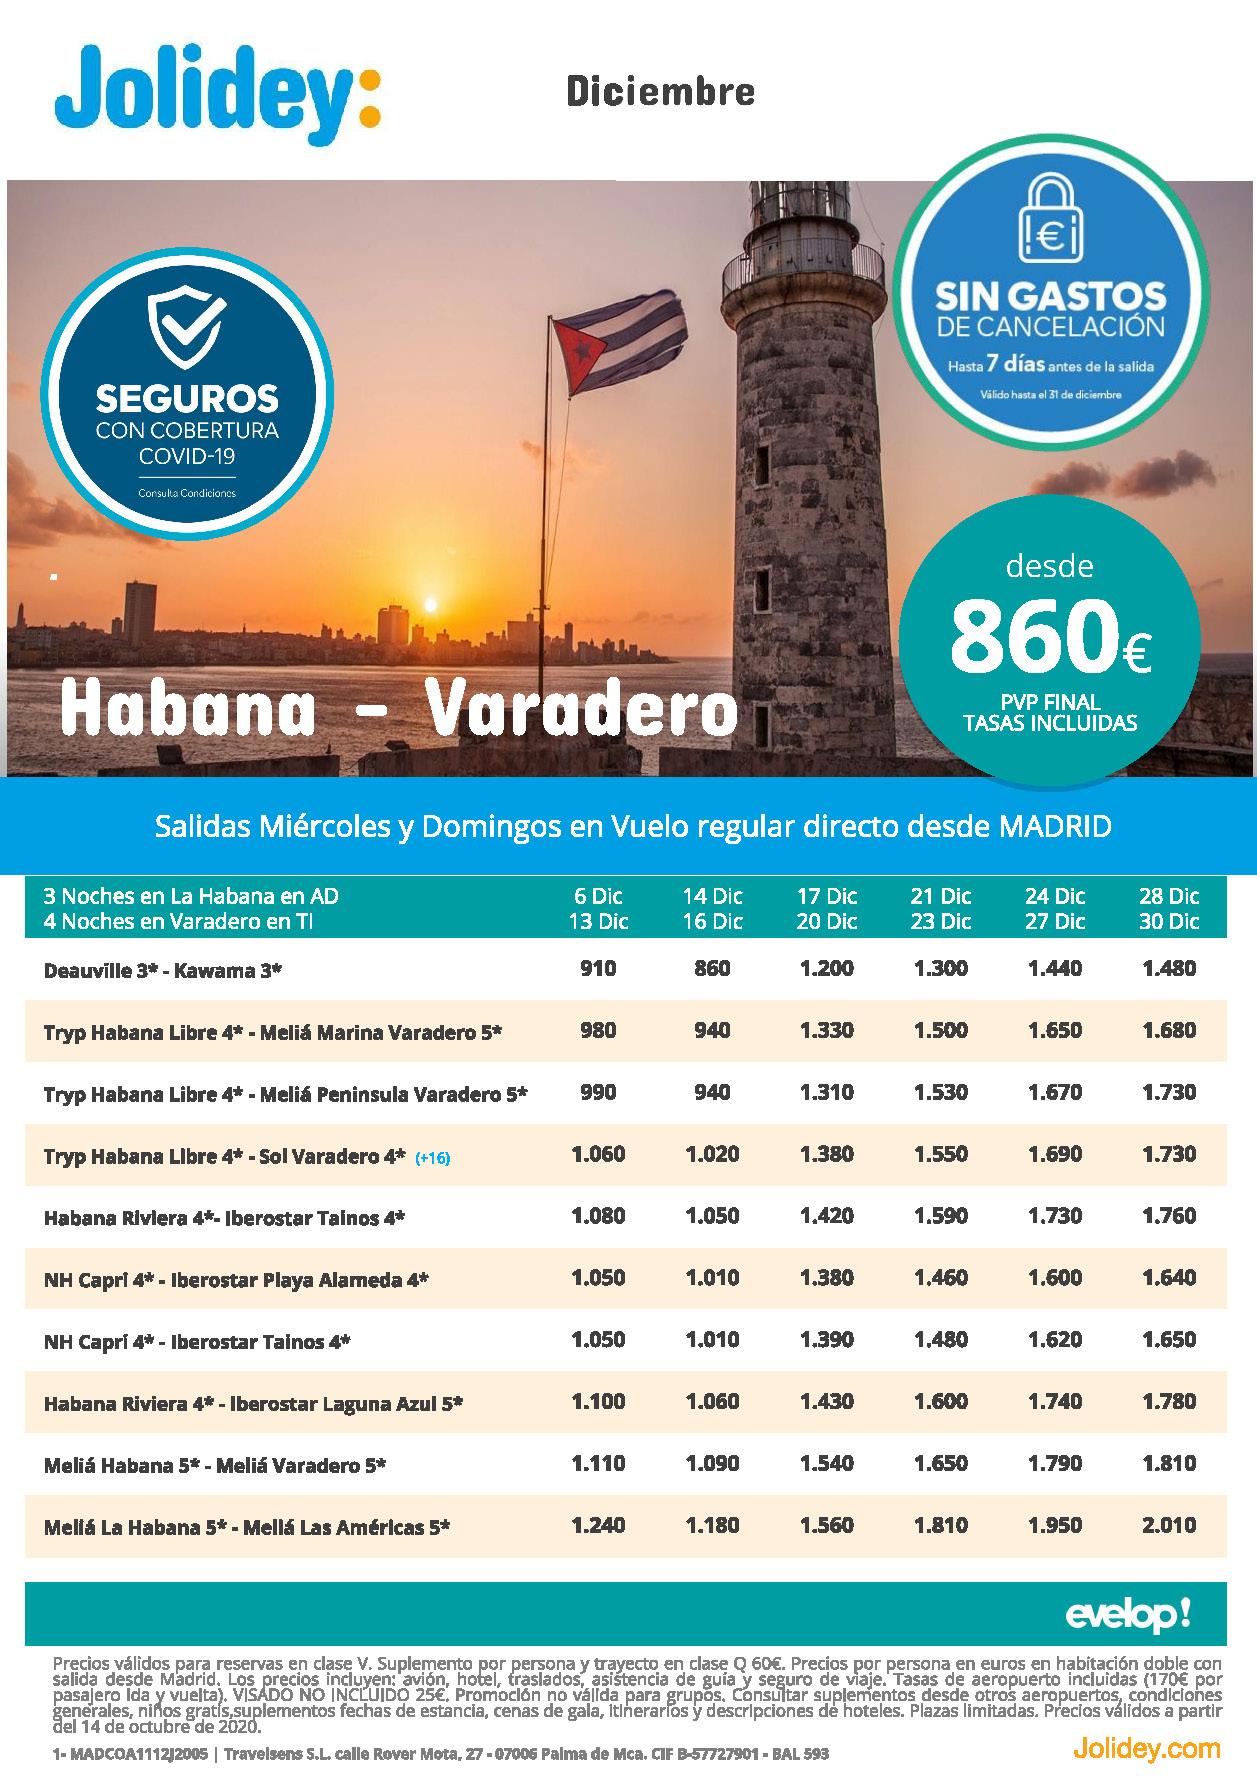 Ofertas Jolidey Combinados La Habana y Varadero Cuba Diciembre 2020 salidas vuelo directo desde Madrid